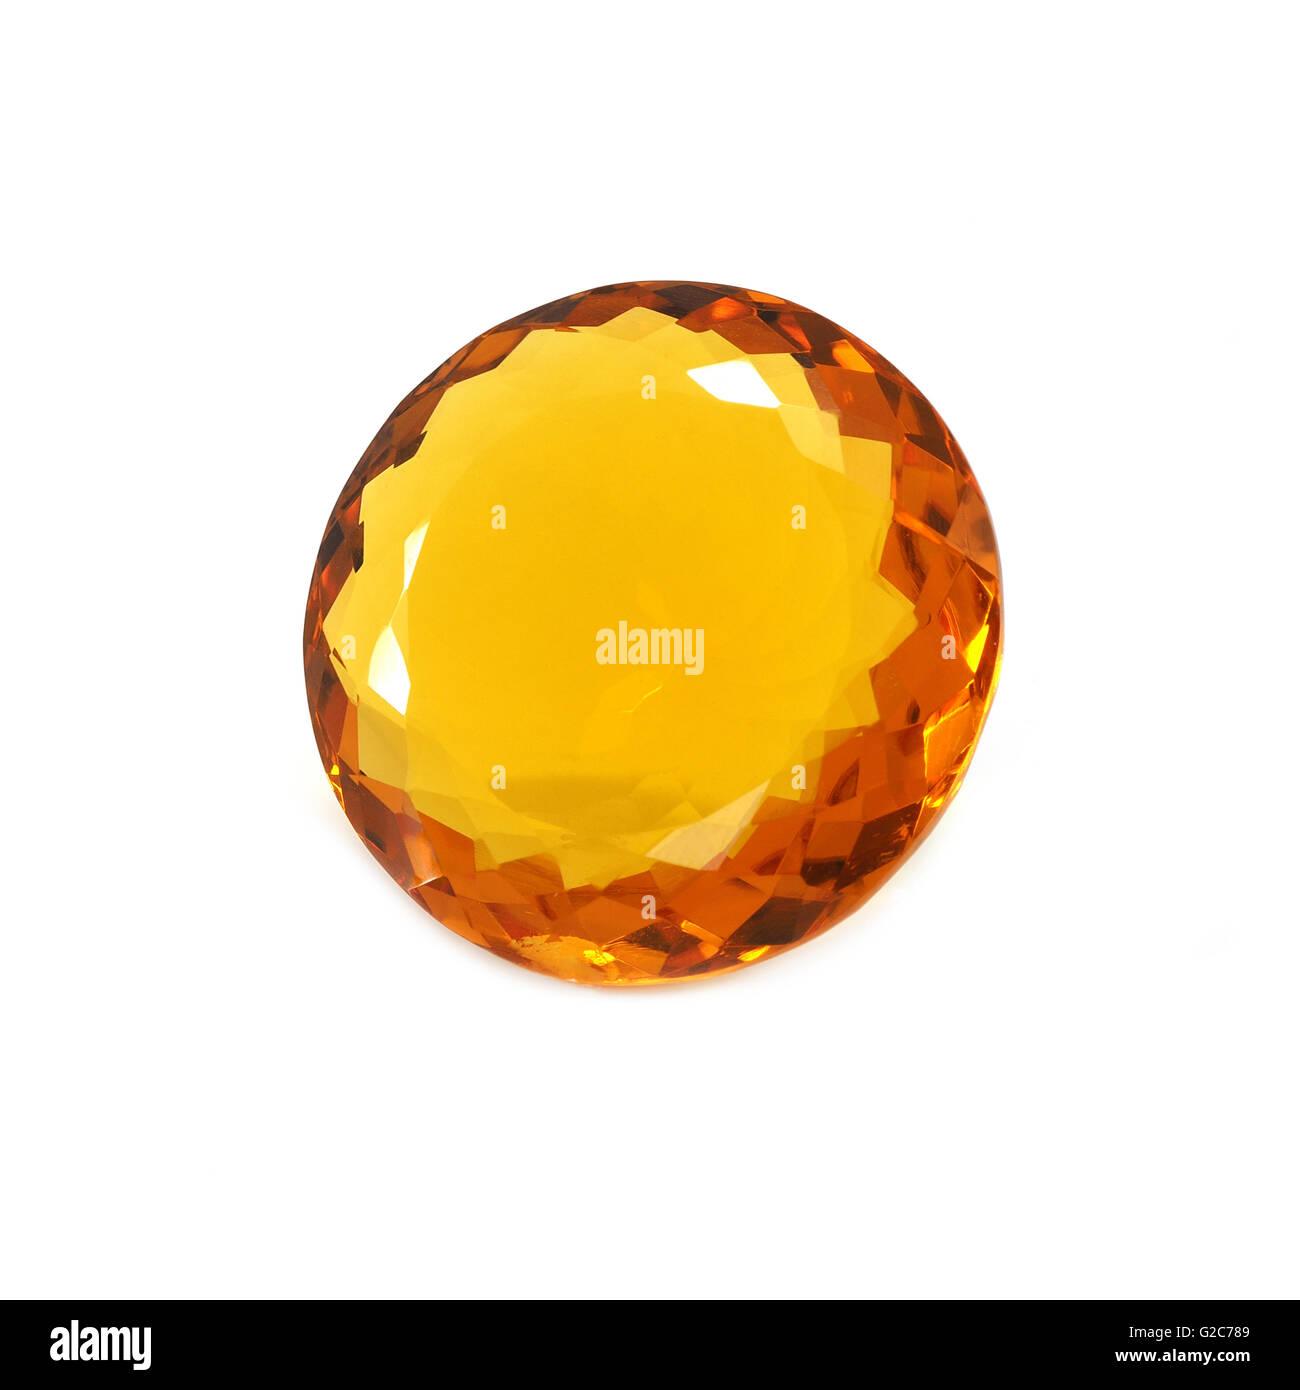 Round shaped orange gemstone on a white background. - Stock Image